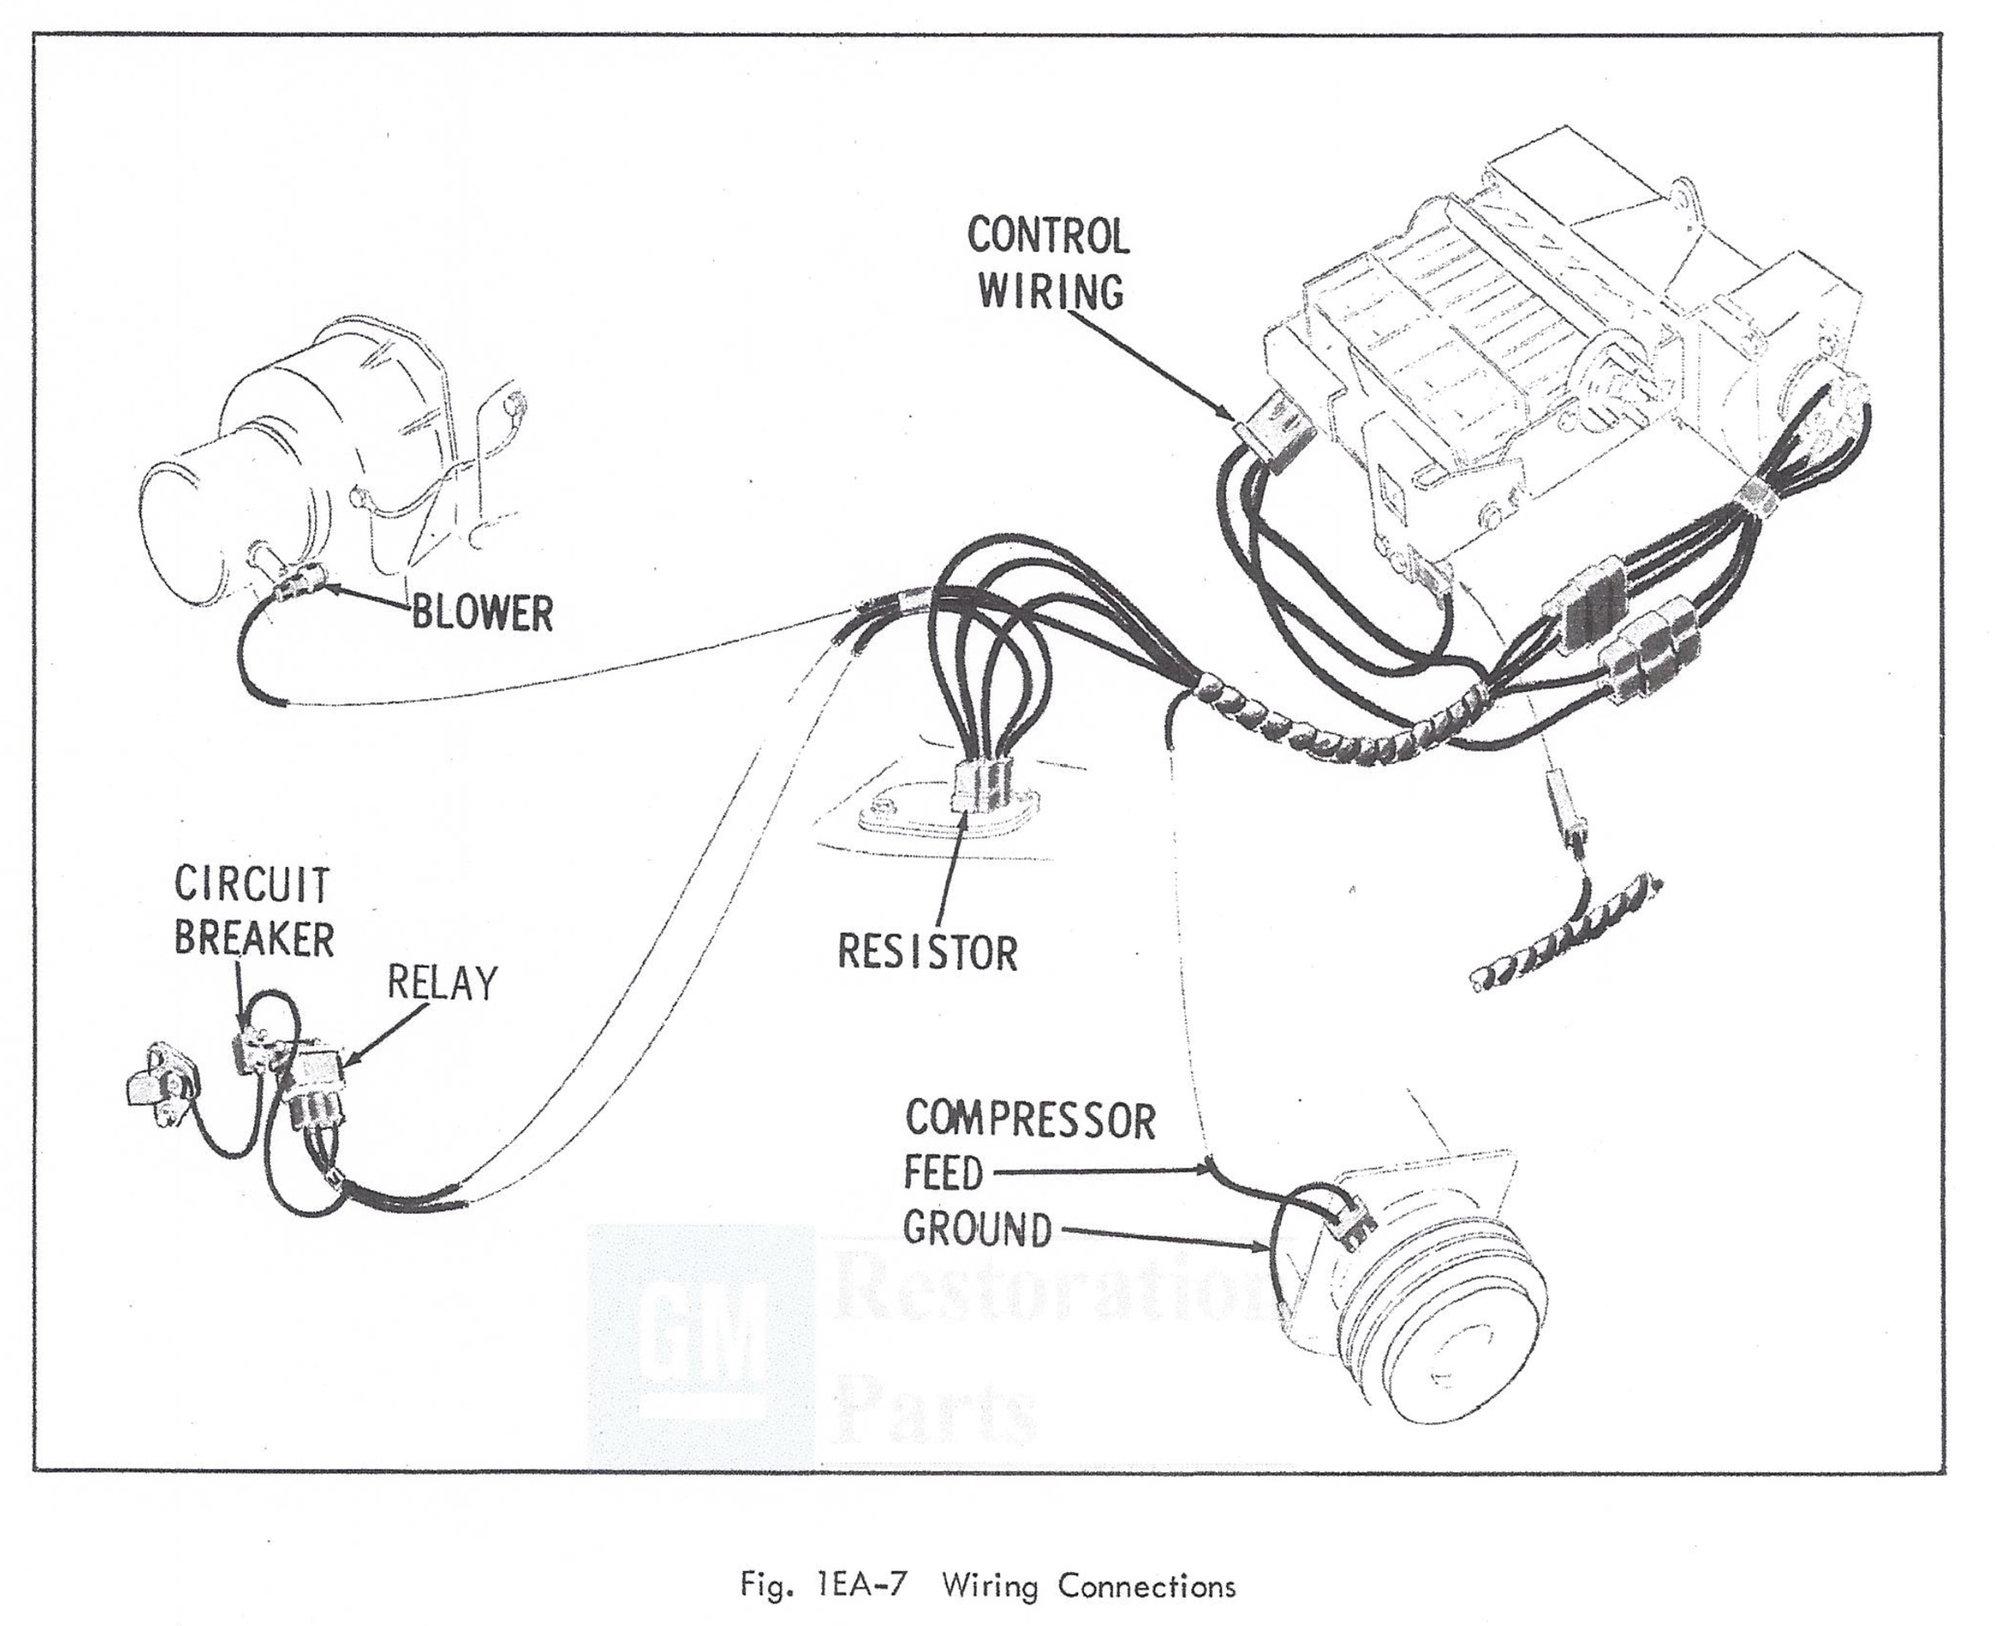 Relay Circuit Breaker Diagram